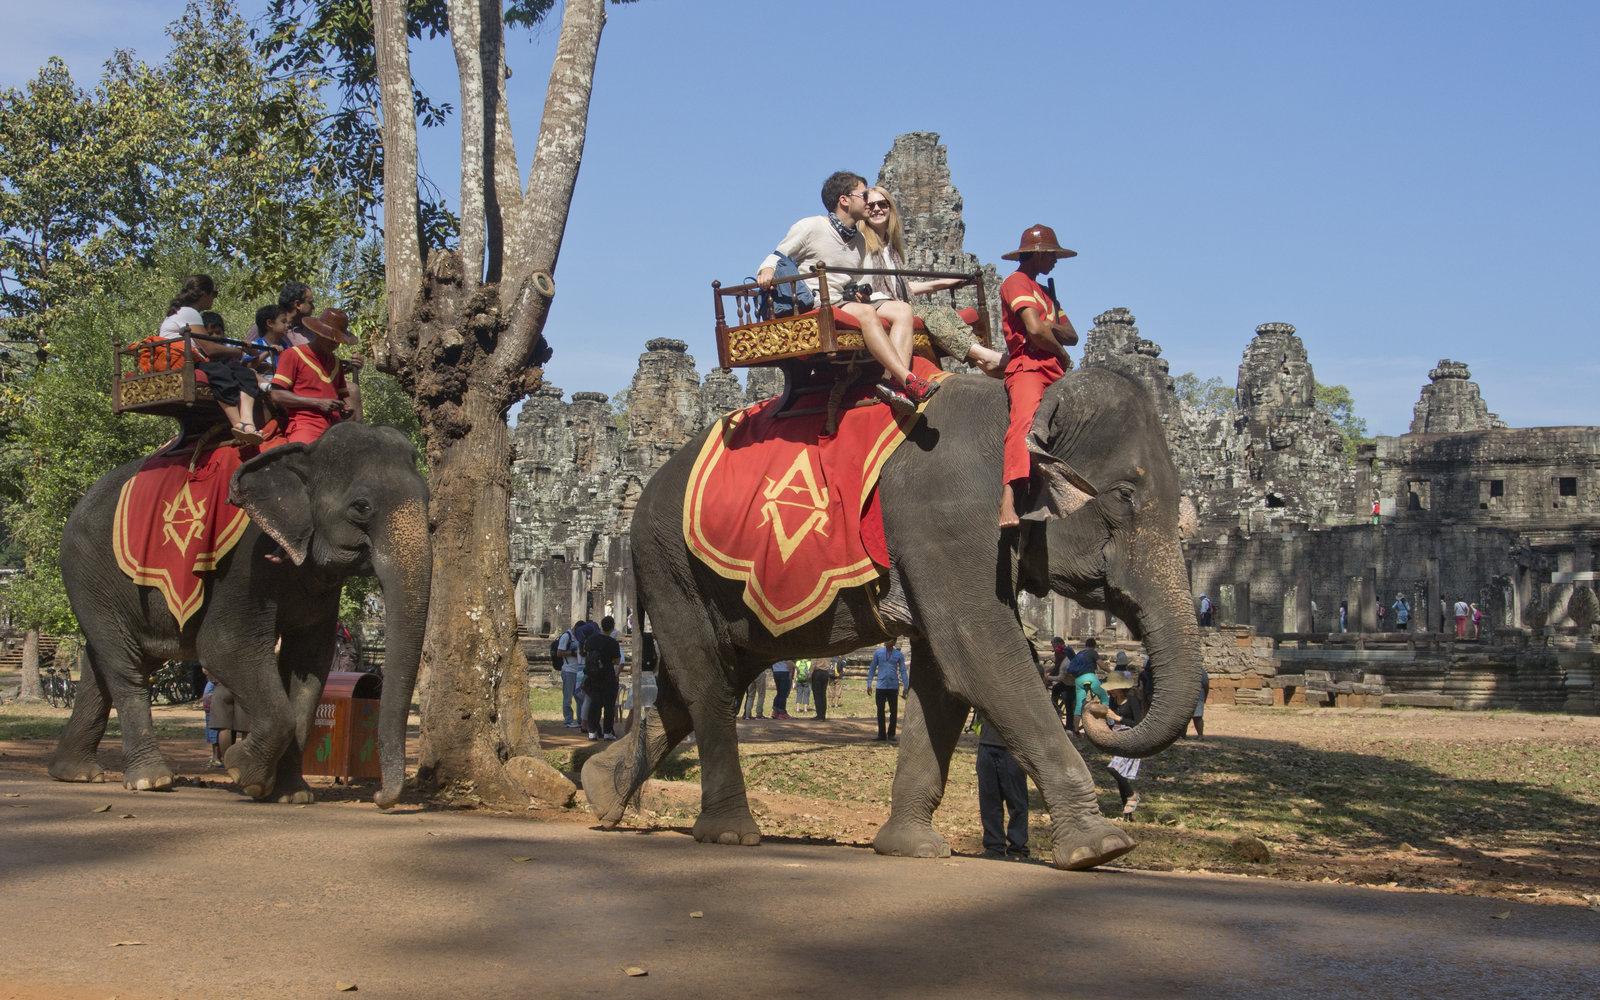 كمبوديا تحظر ركوب الفيل في معابد أنجكور